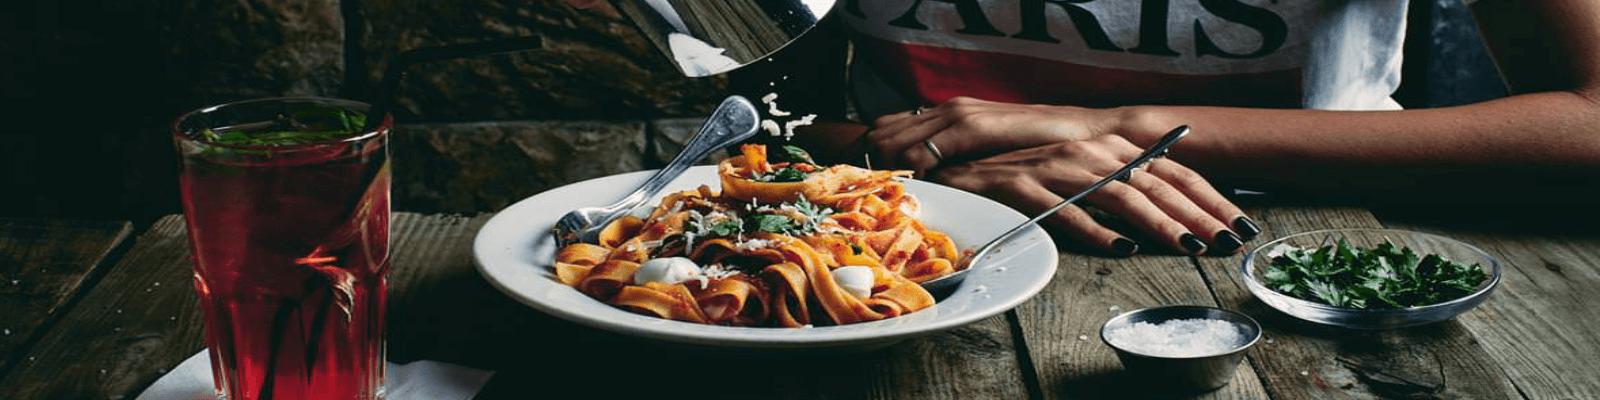 זכיינות מסעדה איטלקית